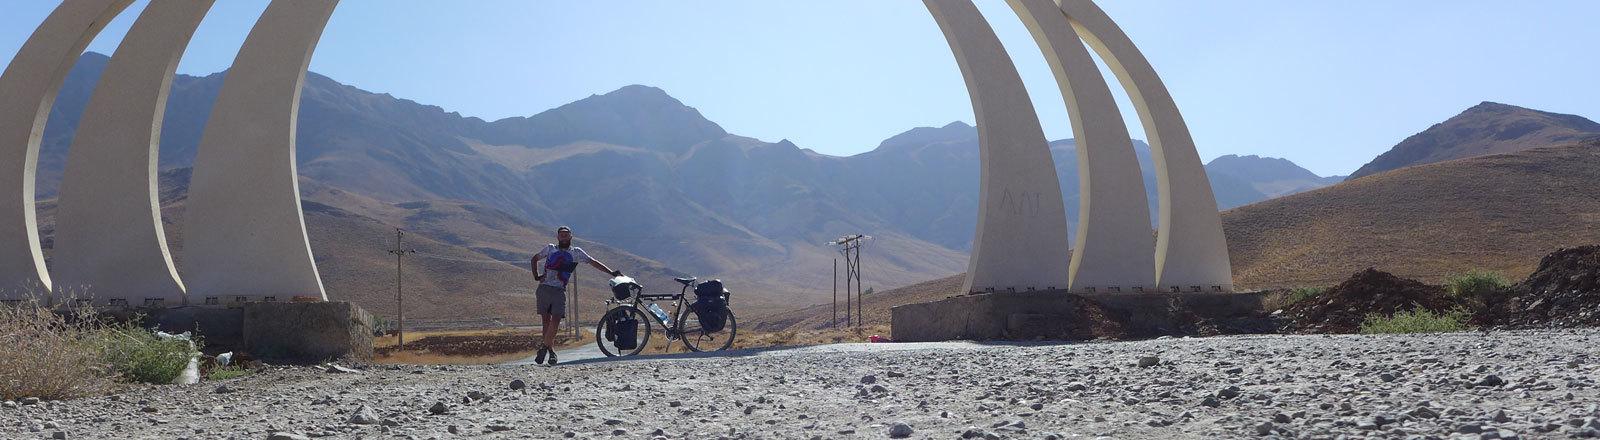 Marco überquert den Golestan Pass im Iran.